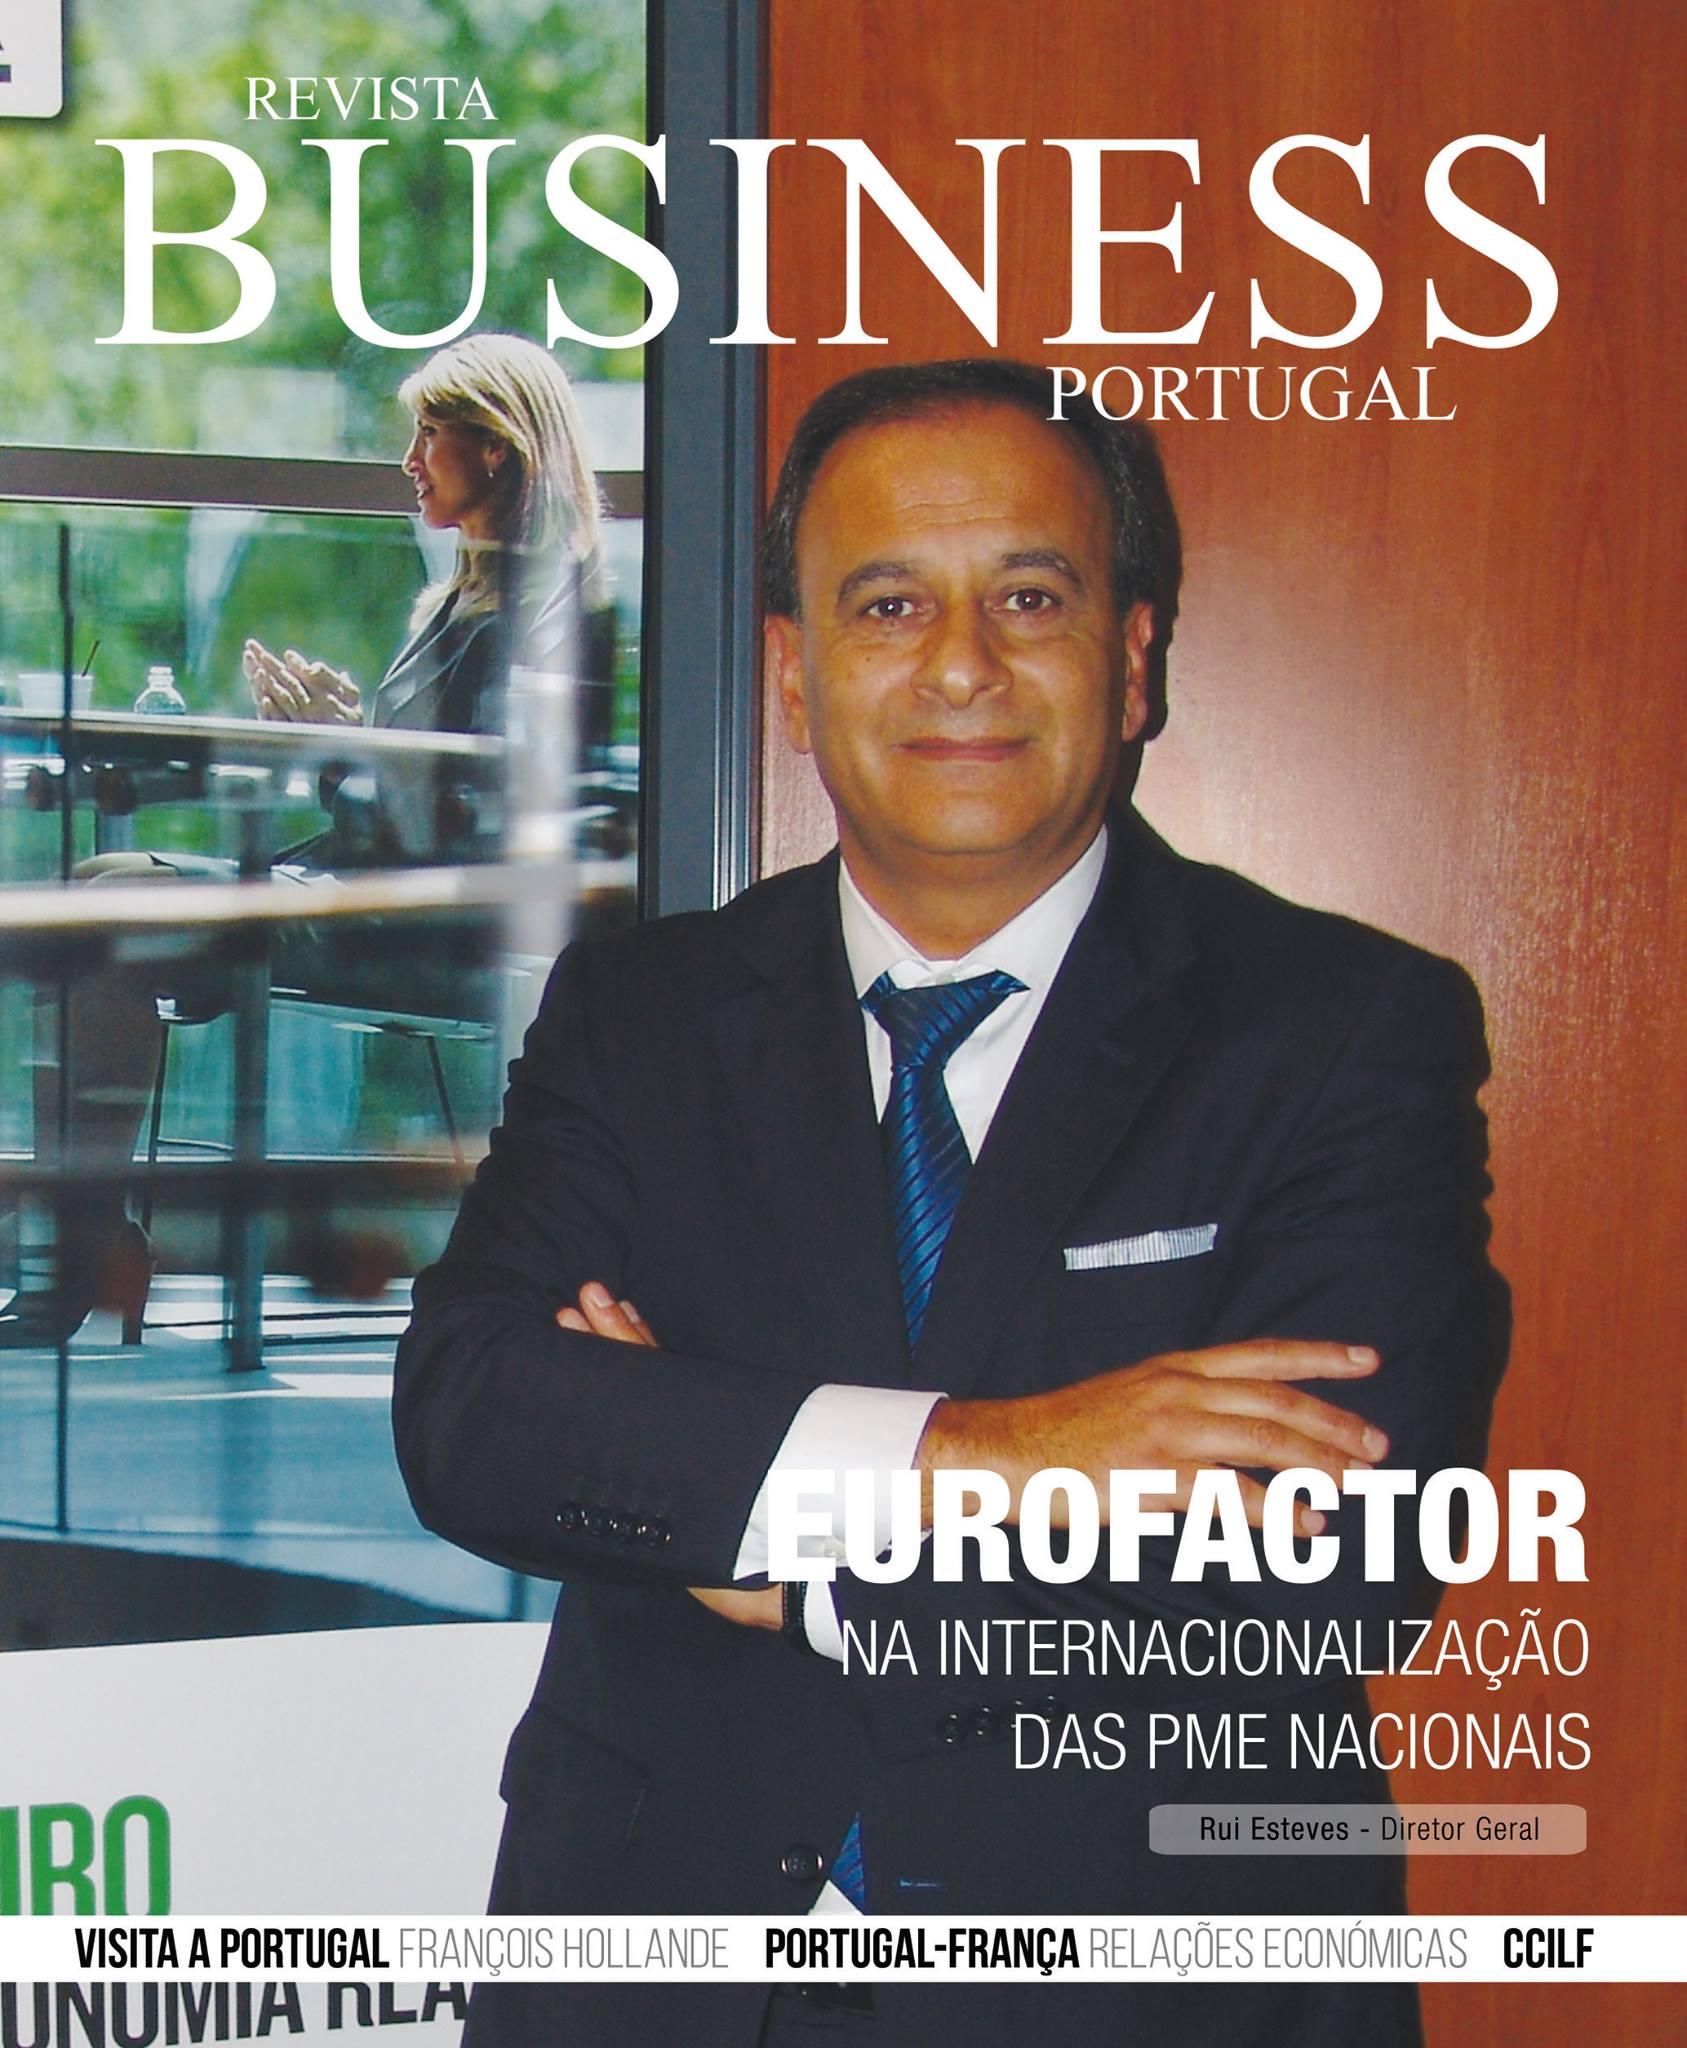 Especial Relações Económicas Portugal-França